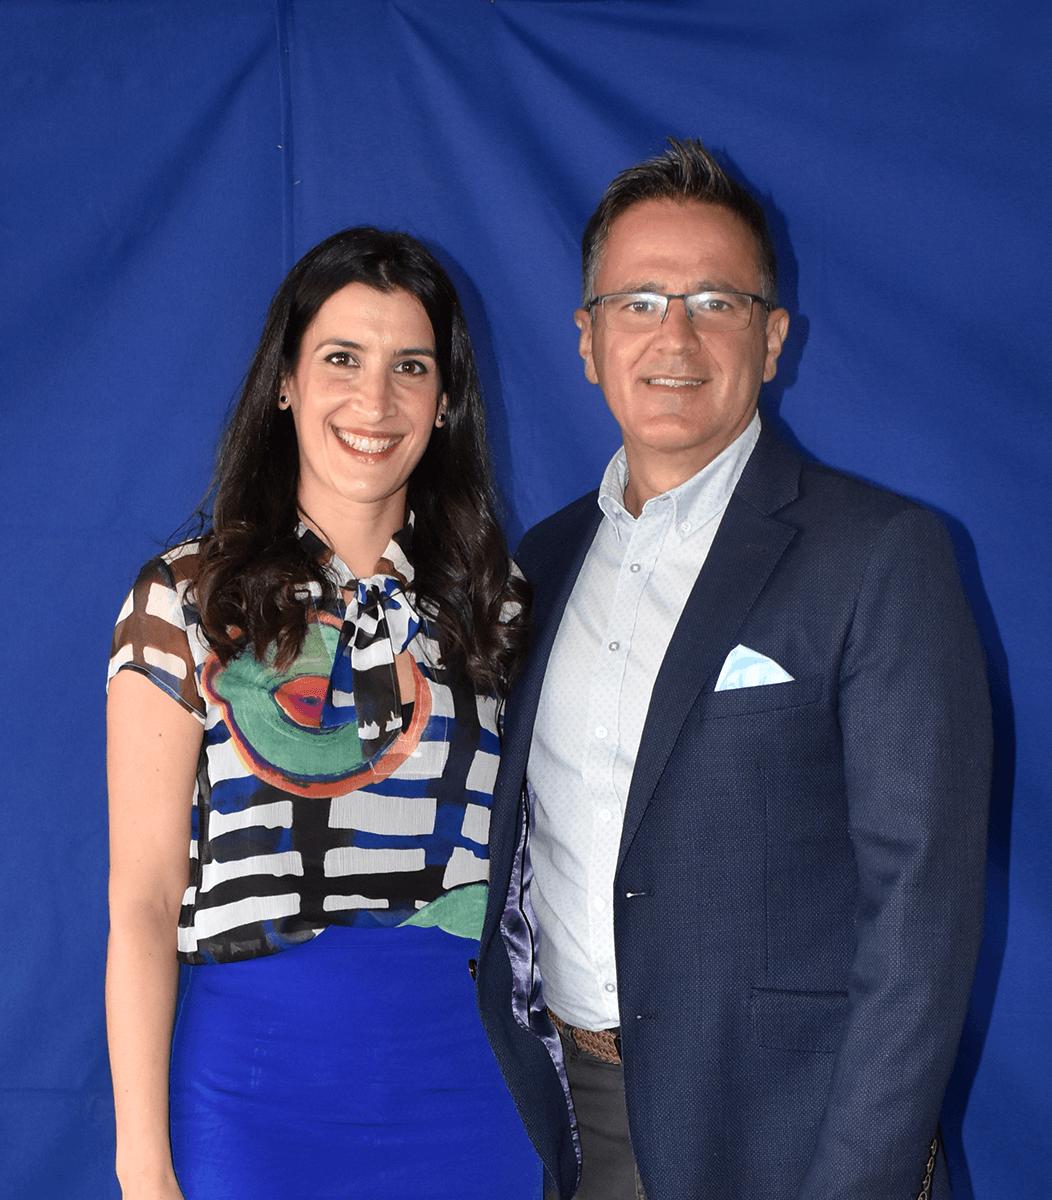 Francisco Pascual y Lorena Morquilla   Centro de Vida Cristiana